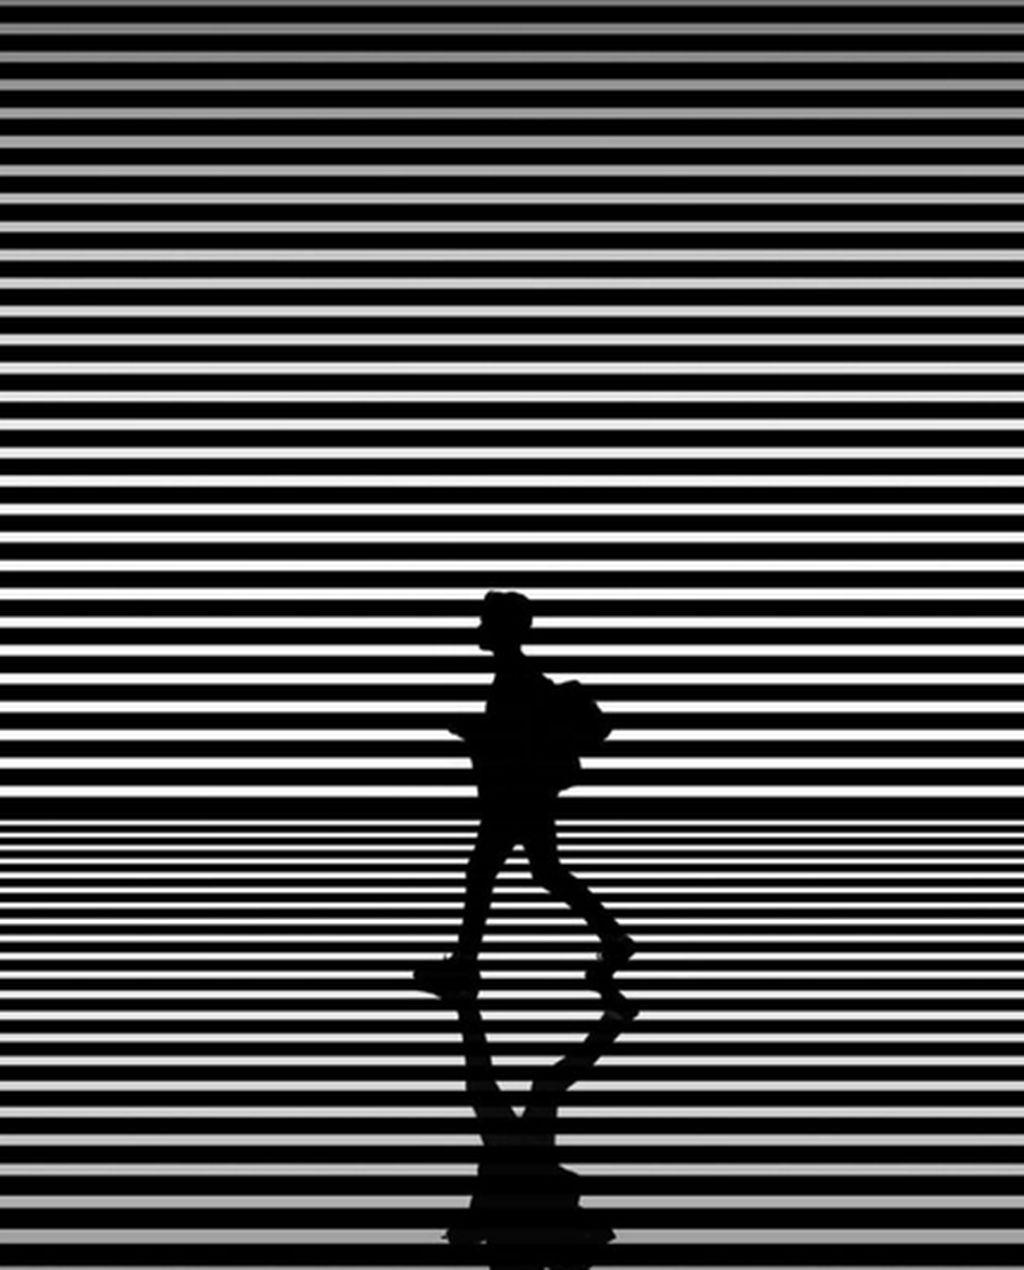 Lewat akun Instagramnya @jasonmpeterson, ia memukau banyak orang dengan karya fotografernyayangberkonsep warna hitam & putih.(Foto: Instagram)